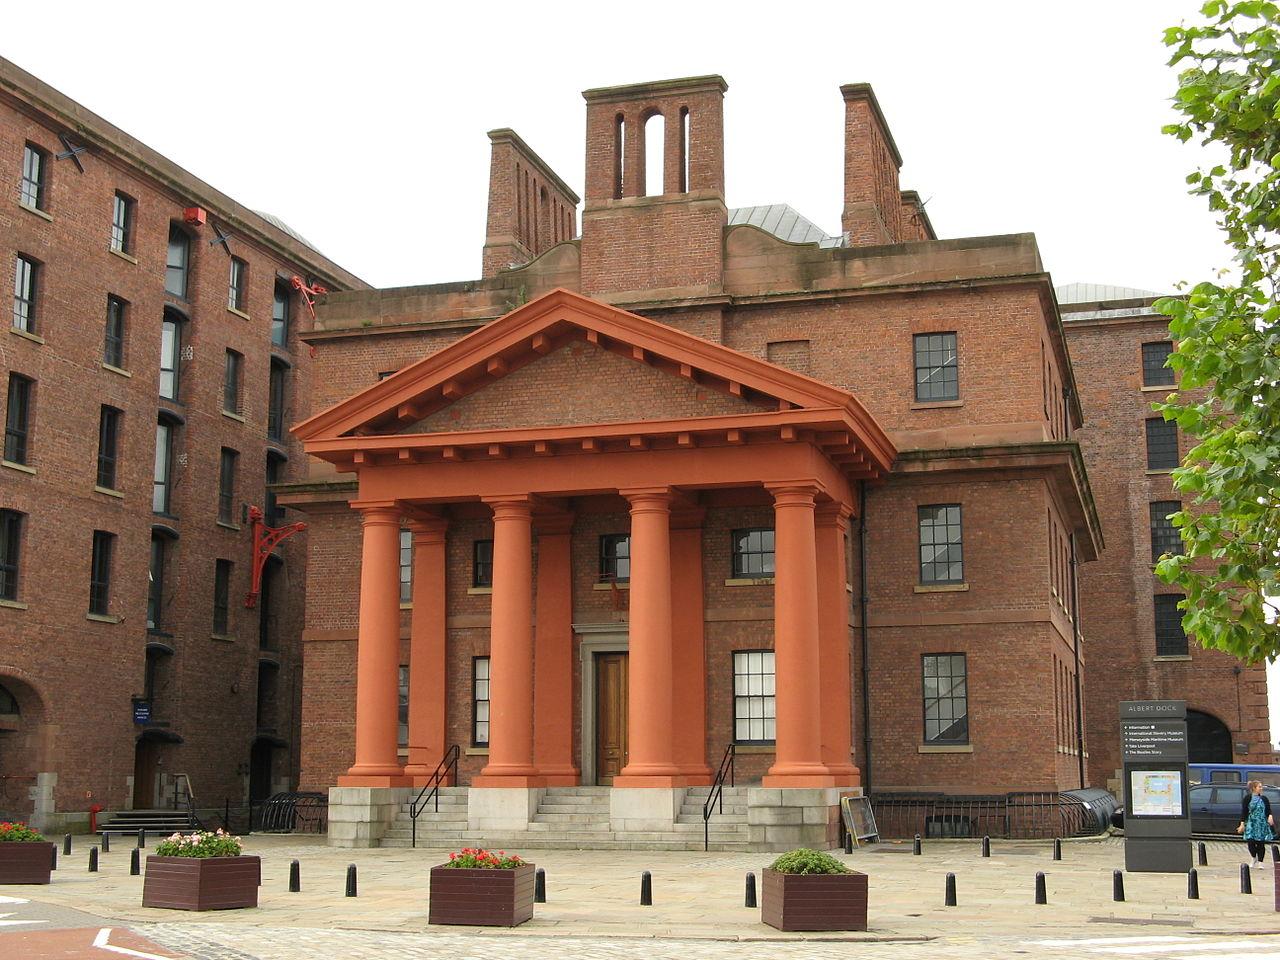 Альберт-док в Ливерпуле, административное здание